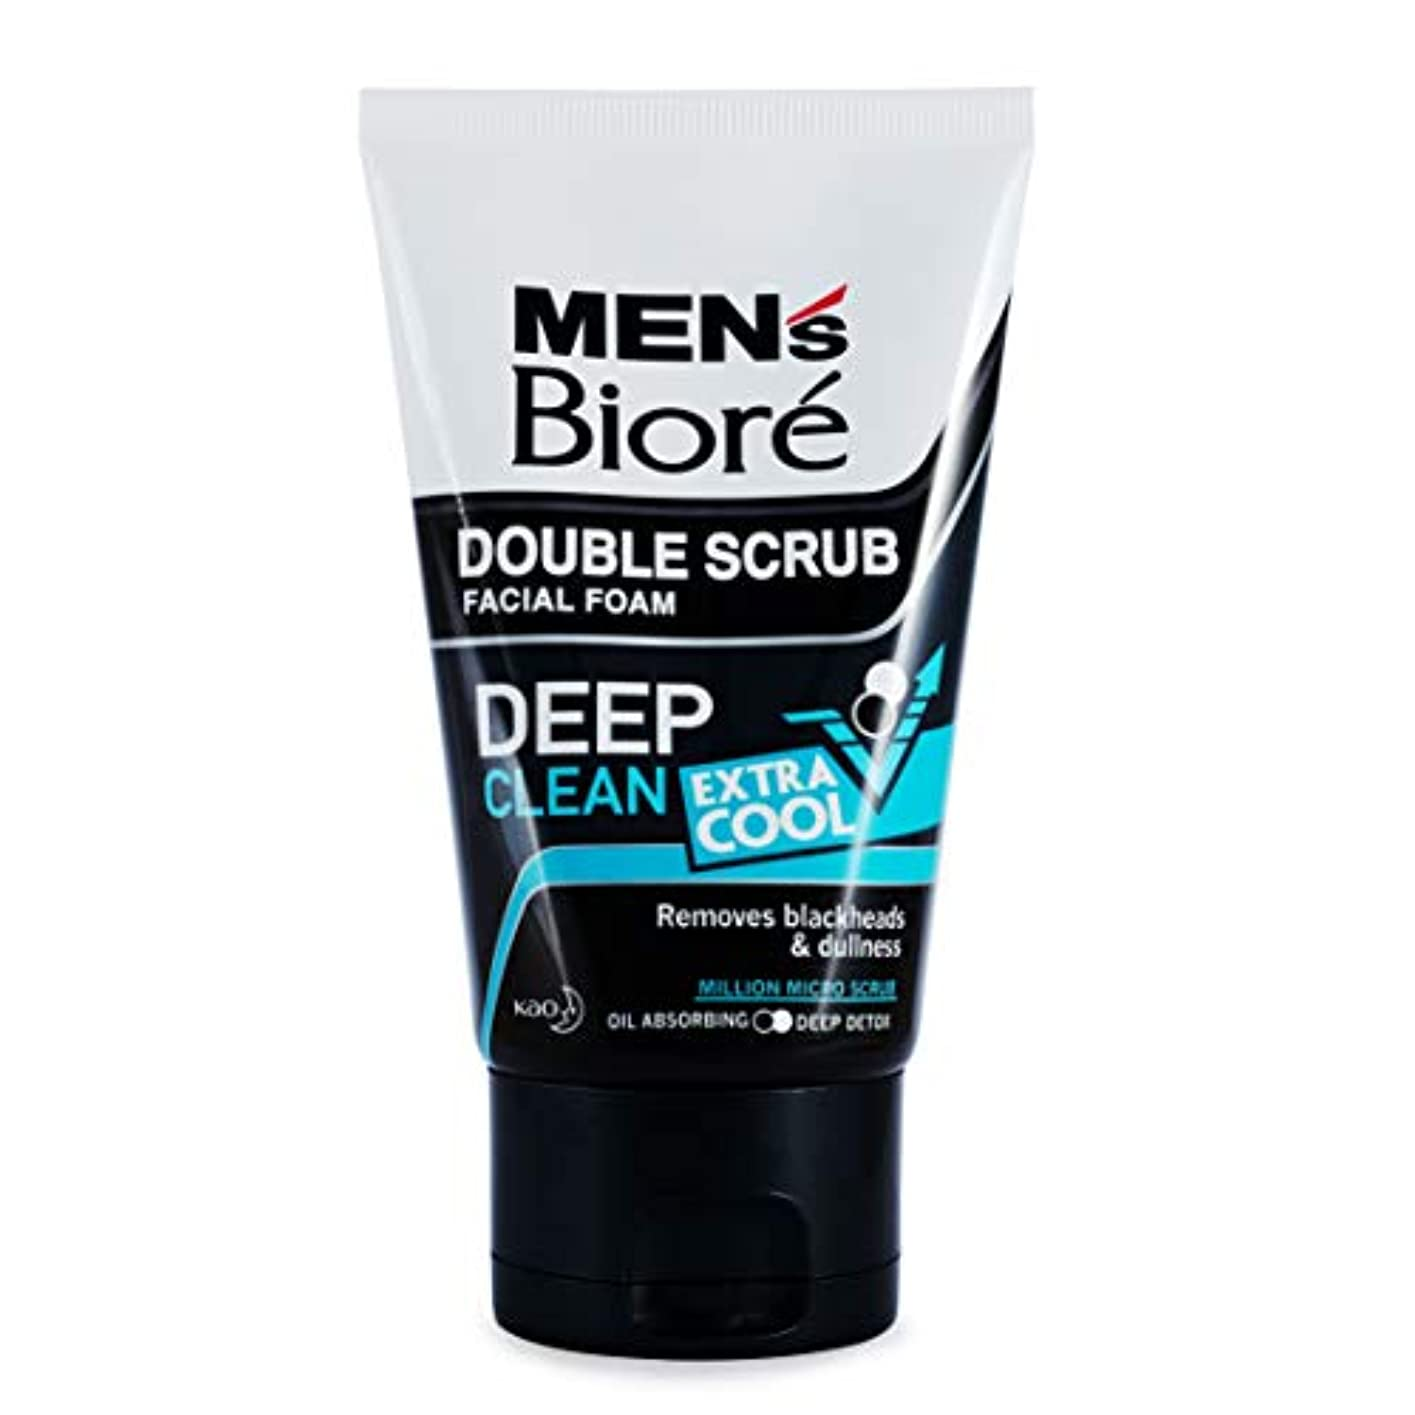 評価する顕現周りBiore Men's ダブルスクラブ余分なクールな顔泡100グラム、なめらかな明るい&健康な皮膚。 - 非常にクール&さわやかな感覚。